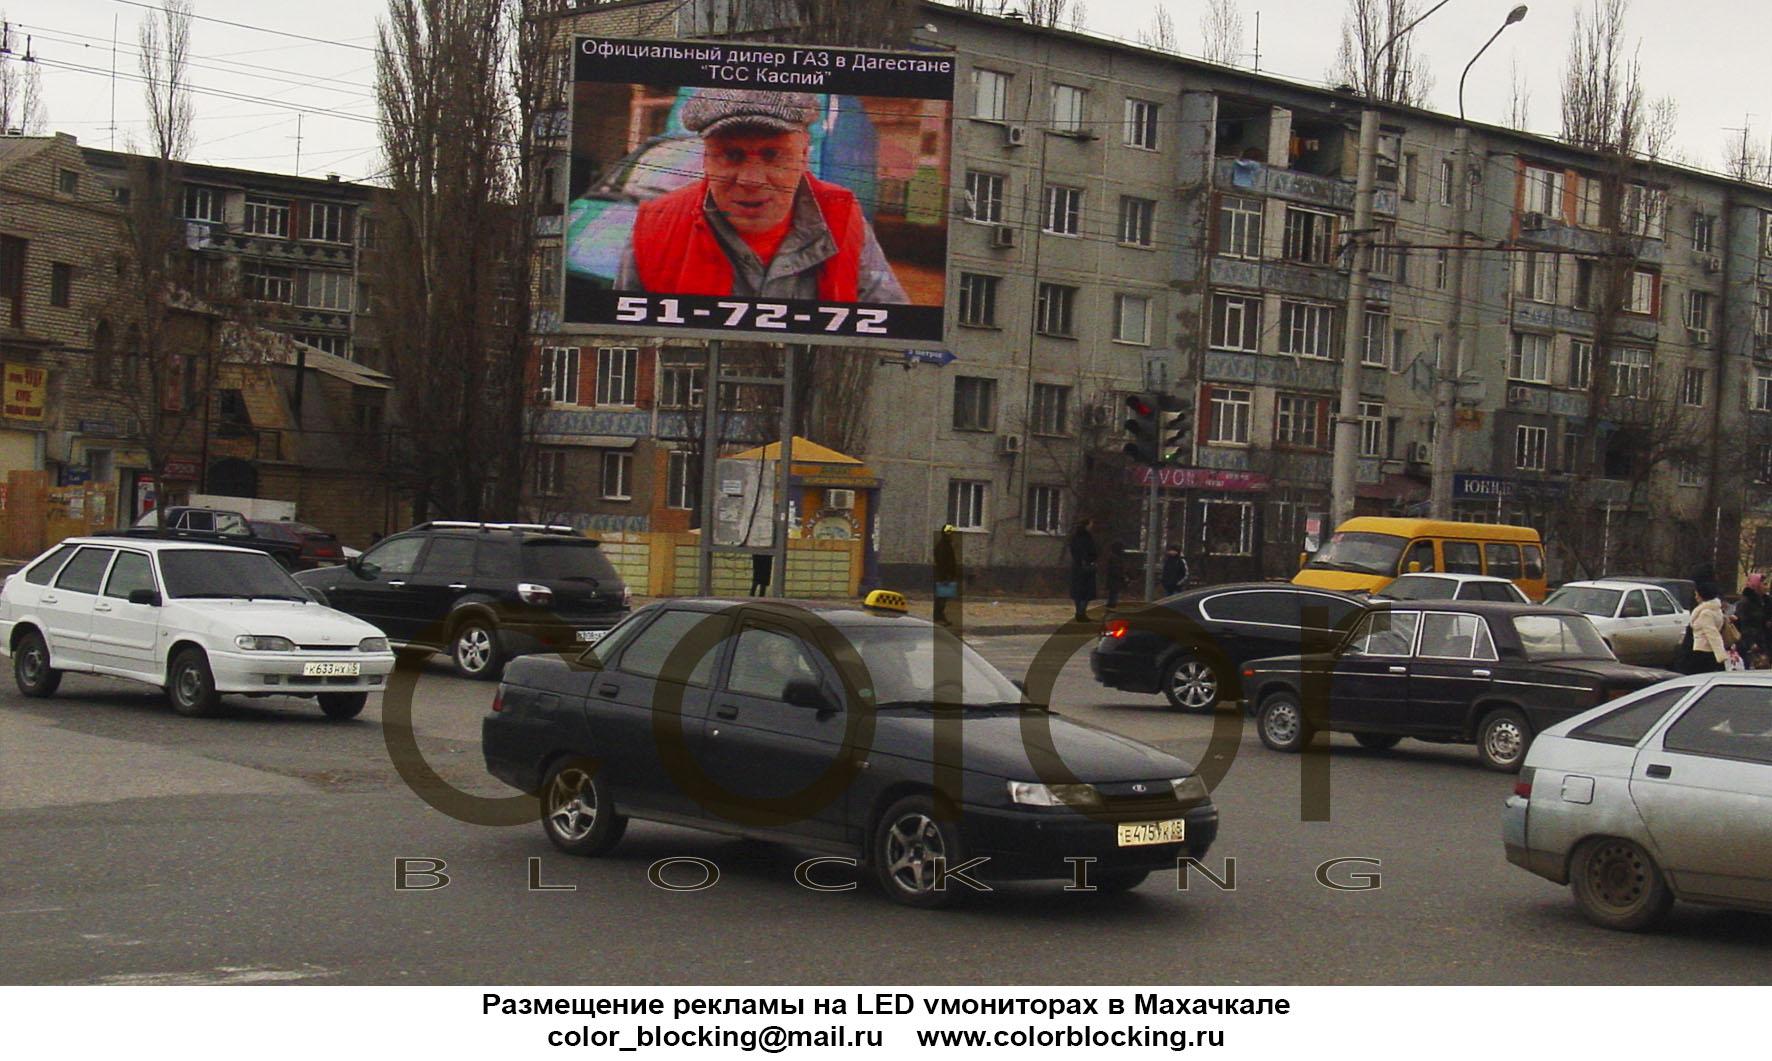 Размещение рекламы на светодиодных экранах в Махачкале LED